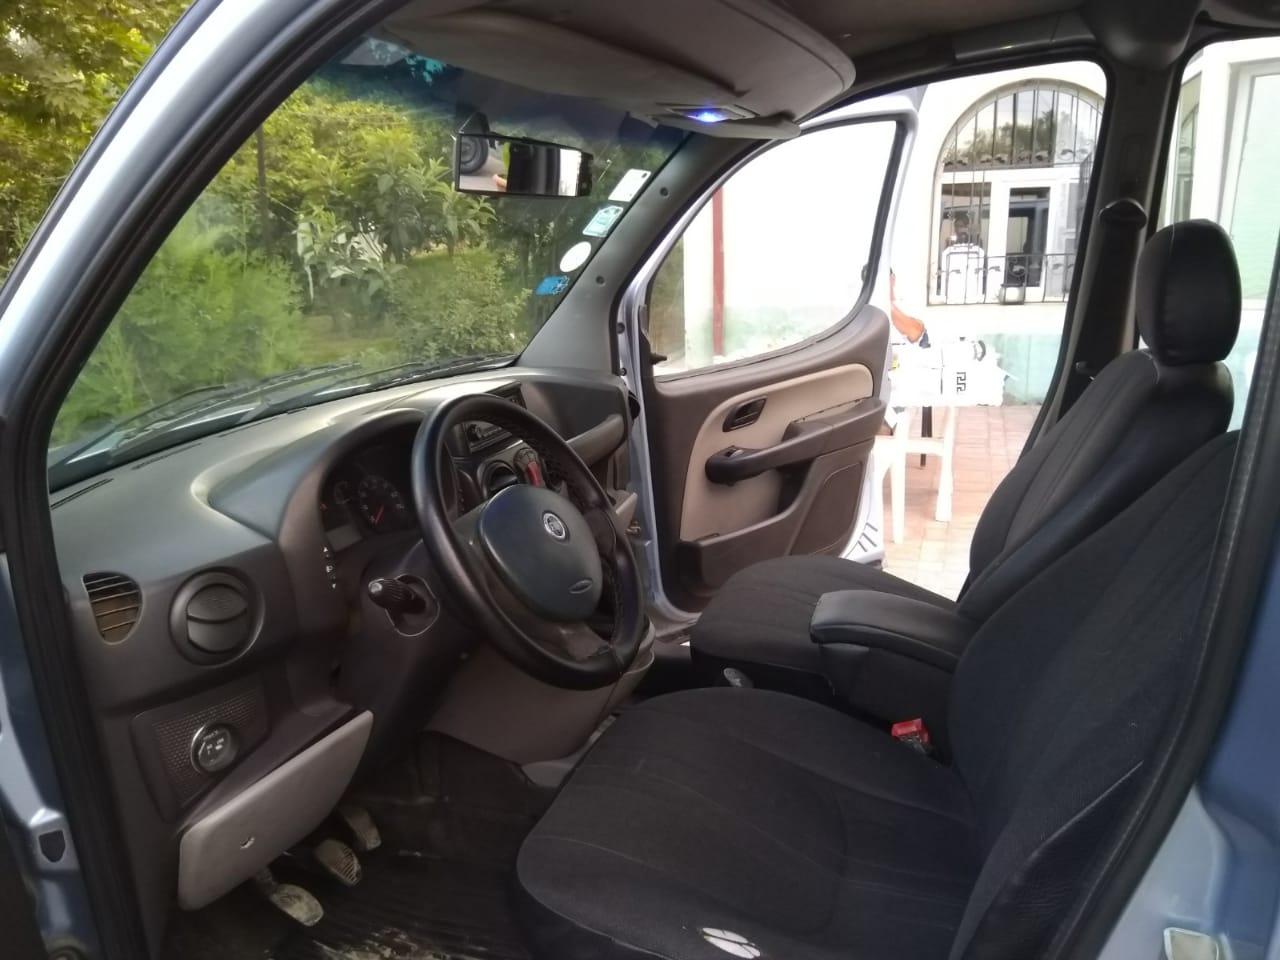 Fiat Doblo 1.3(lt) 2007 İkinci əl  $6900